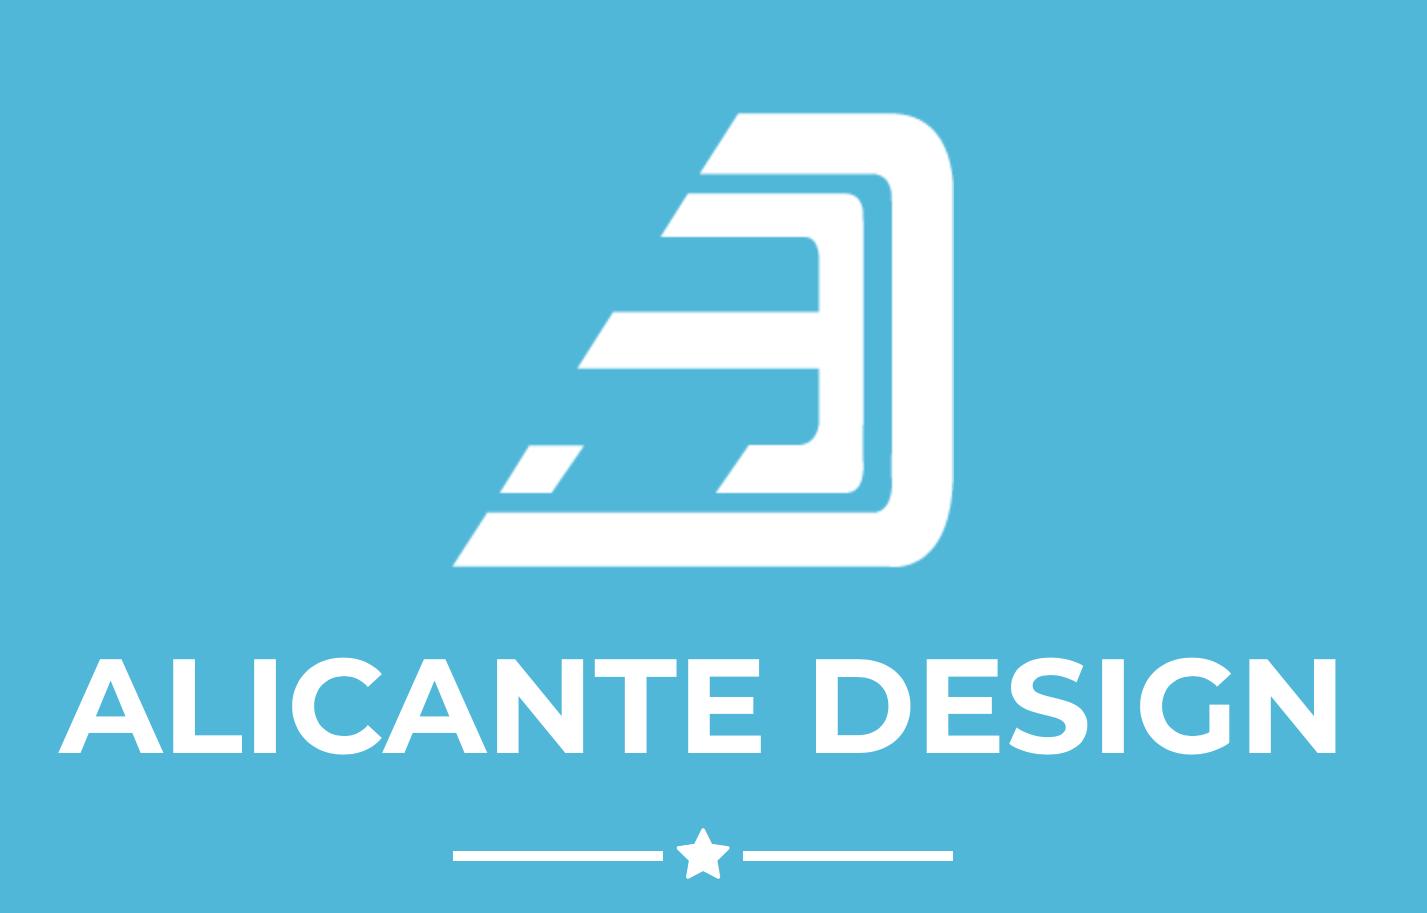 Alicante Design